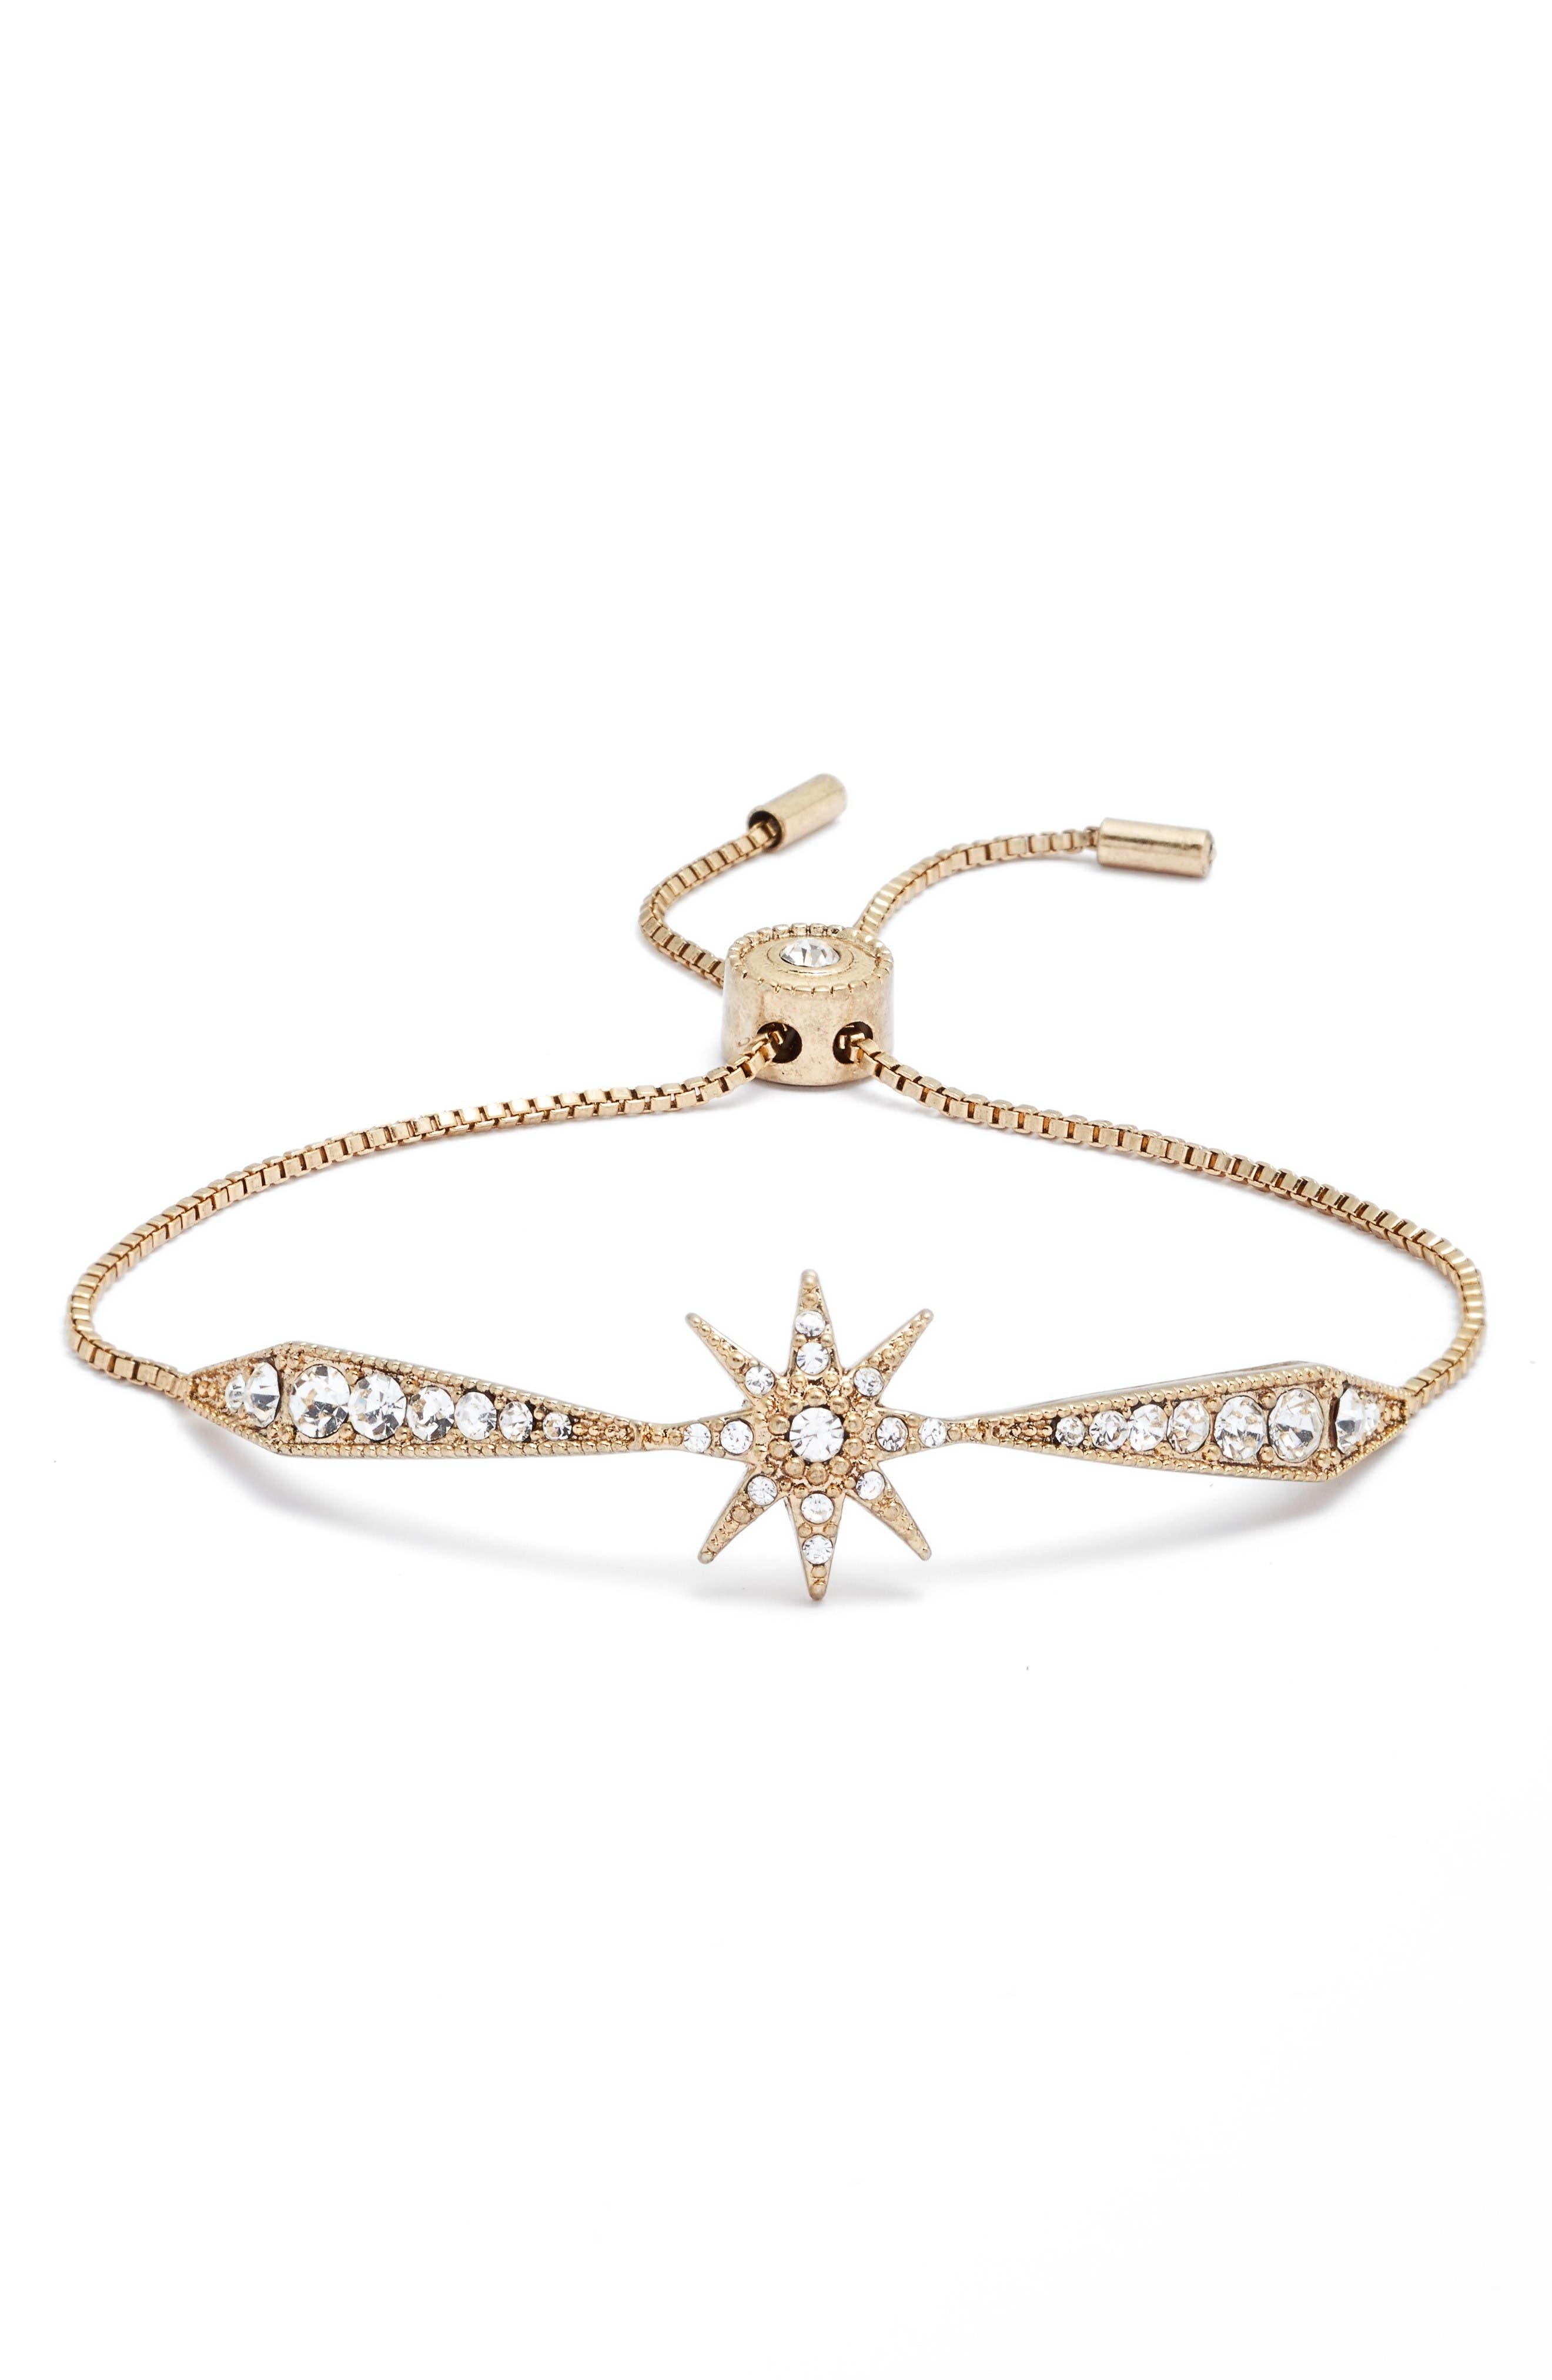 Stardust Adjustable Crystal Bracelet,                         Main,                         color, Gold